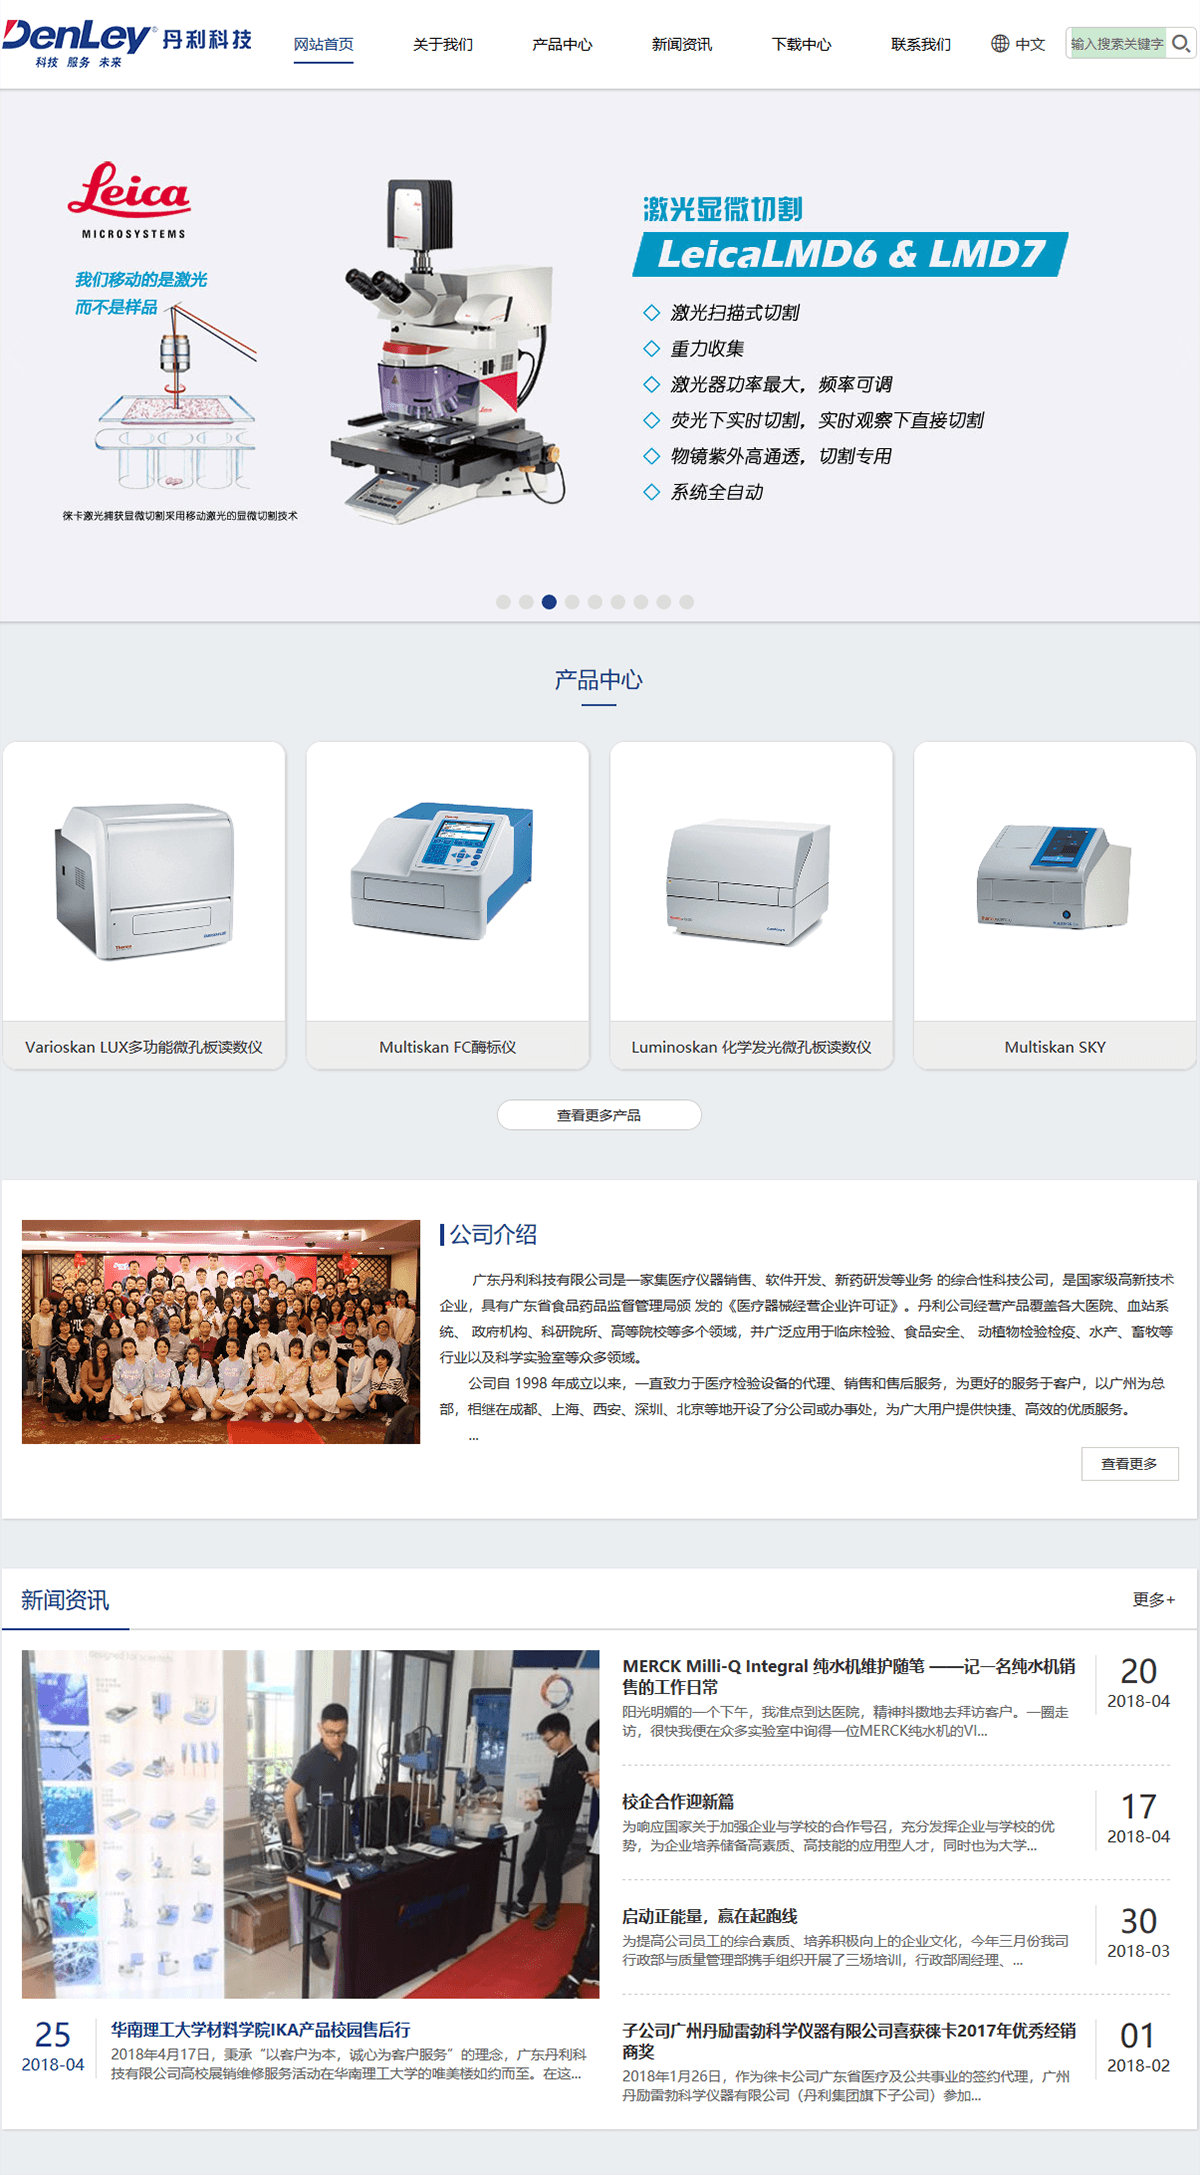 广东丹利科技有限公司